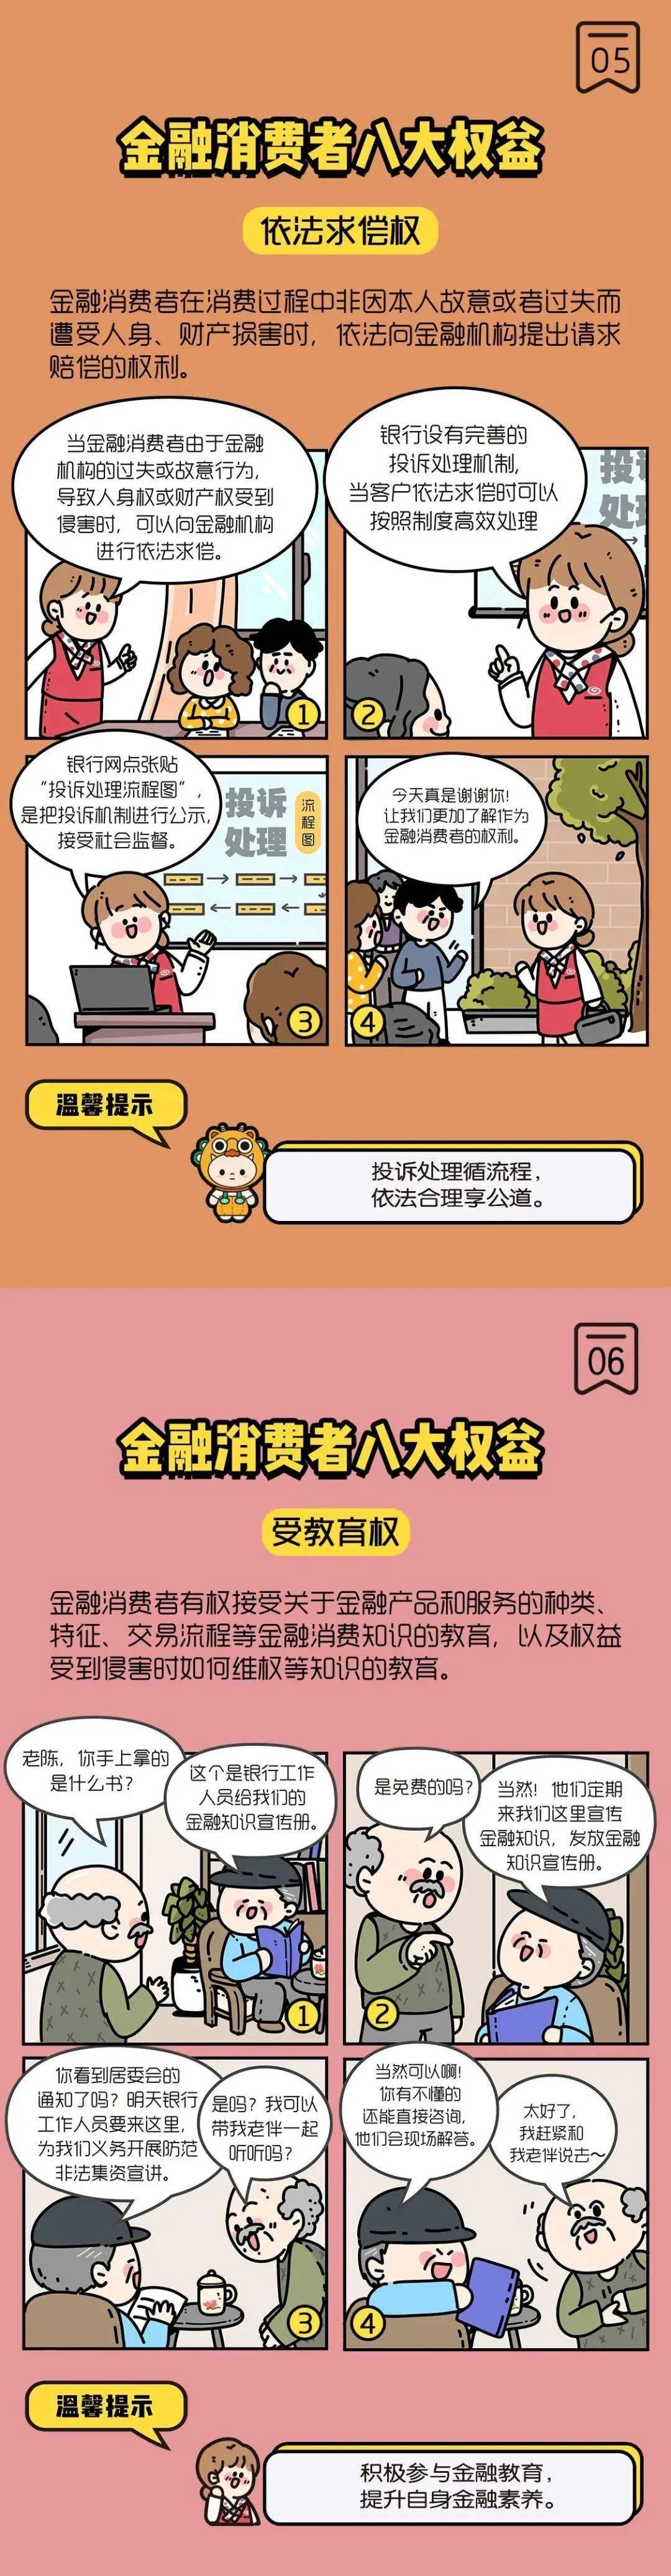 厦门国际信托:【金融知识普及月】金融消费者八大权益